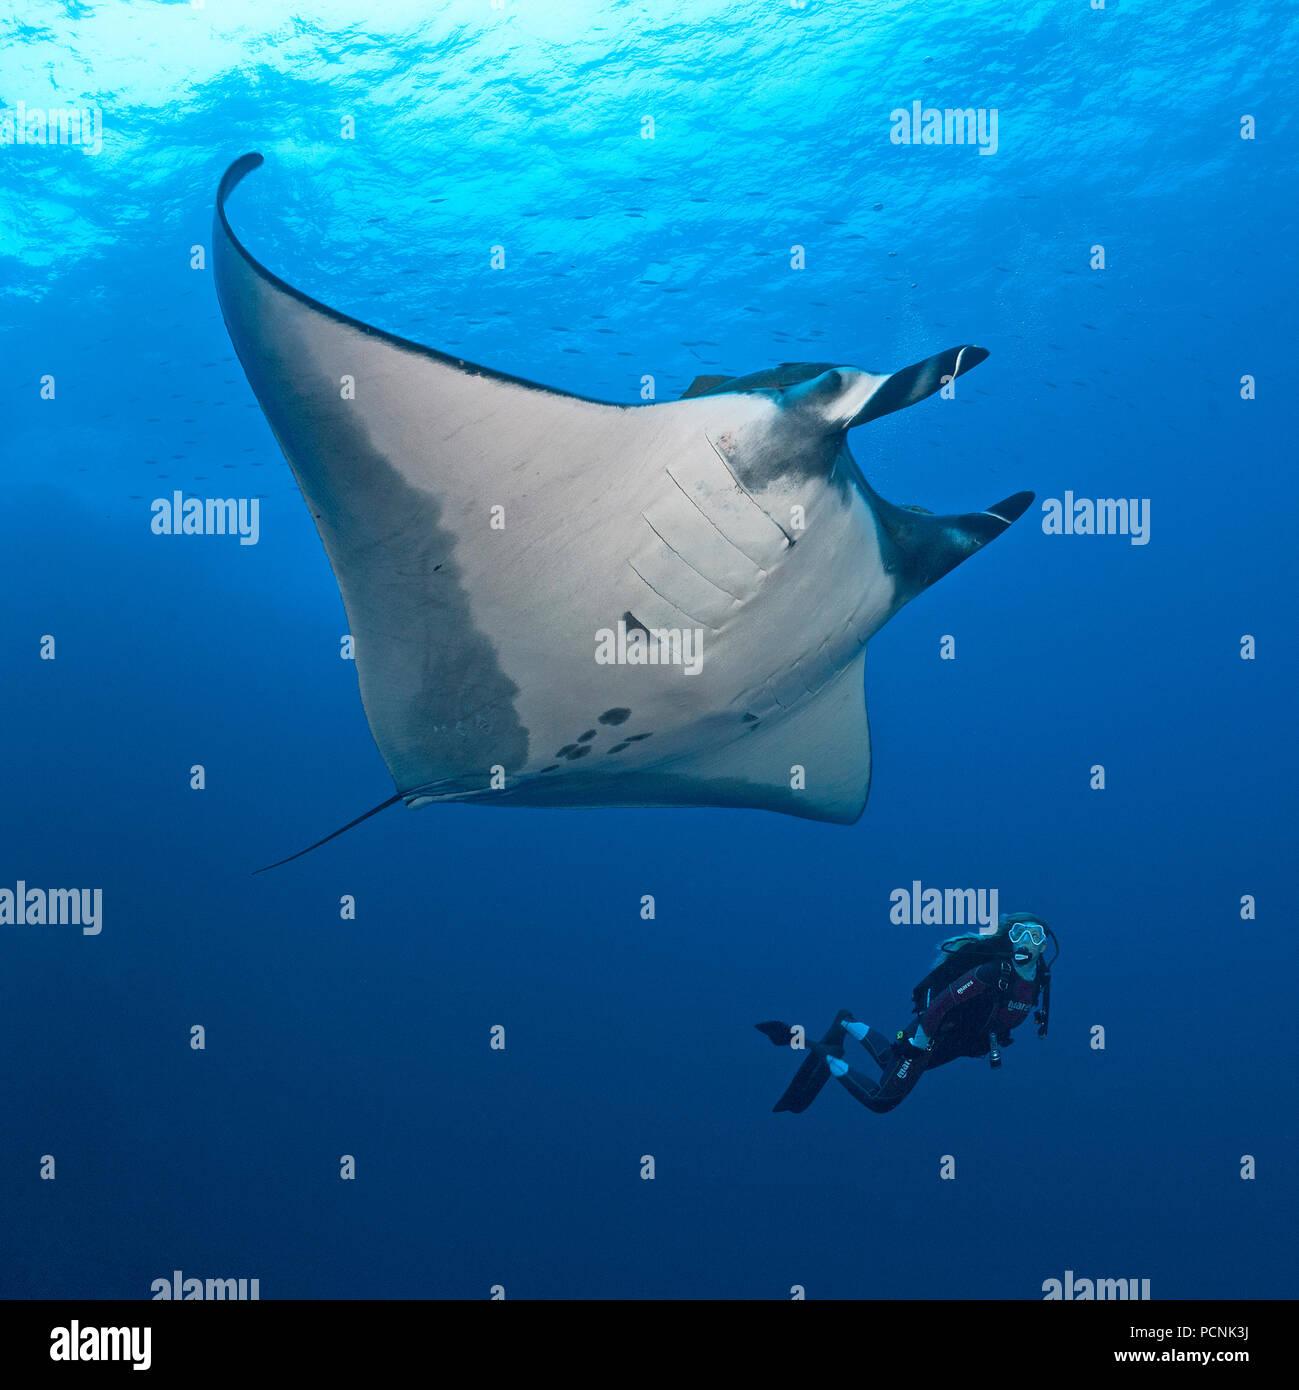 Plongée sous-marine nager avec un géant oceanic manta (manta birostris), San Benedicto Island, Revillagigedo-Inseln, Mexique Banque D'Images